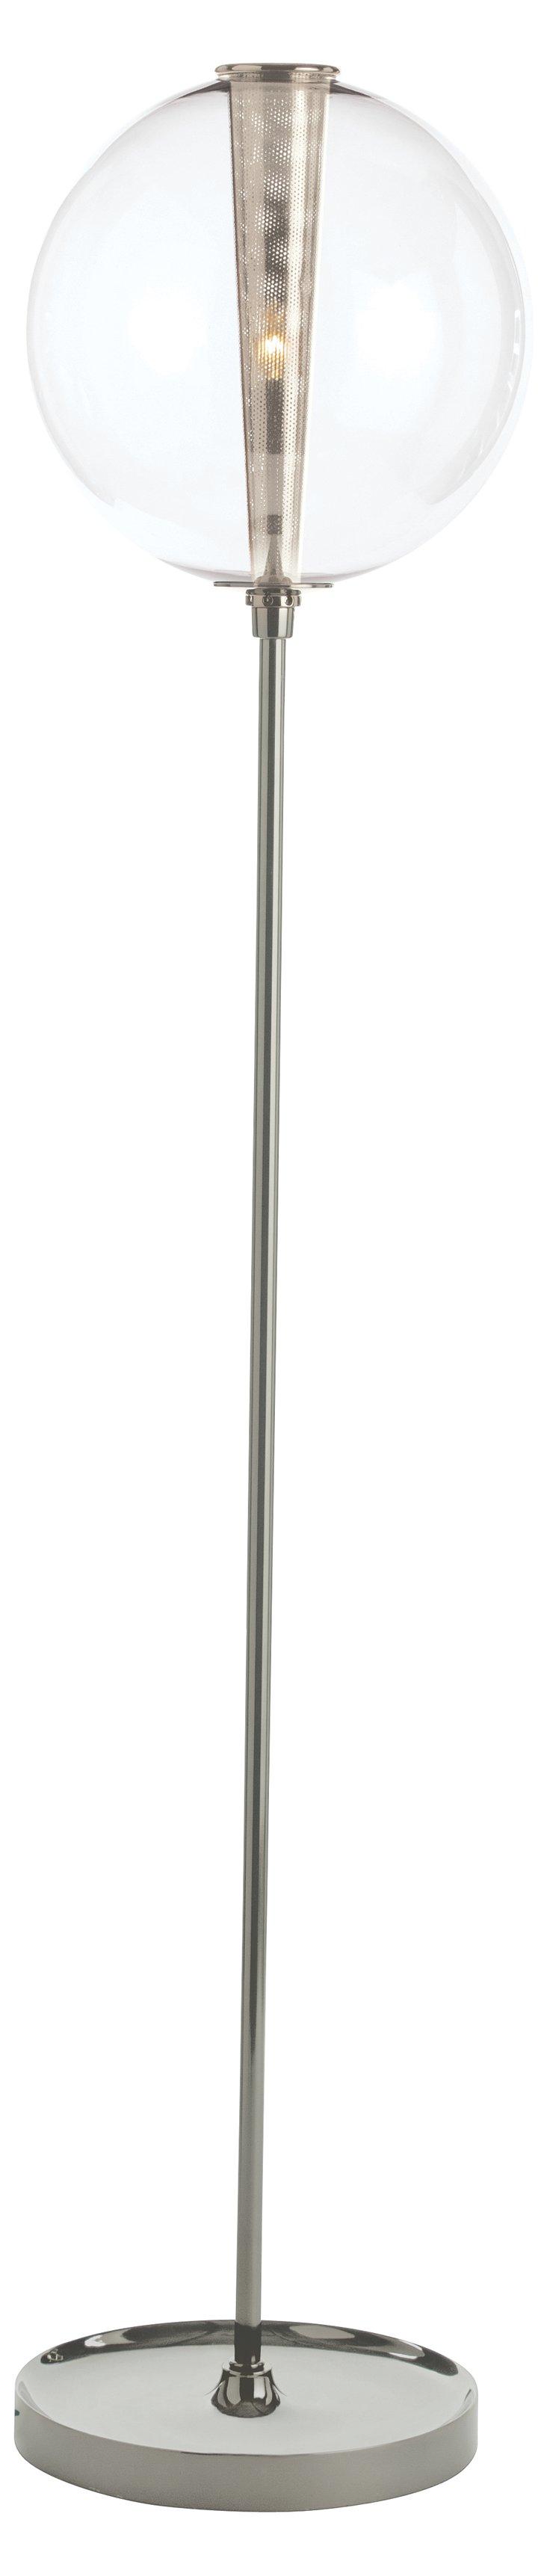 Caviar Floor Lamp, Polished Nickel